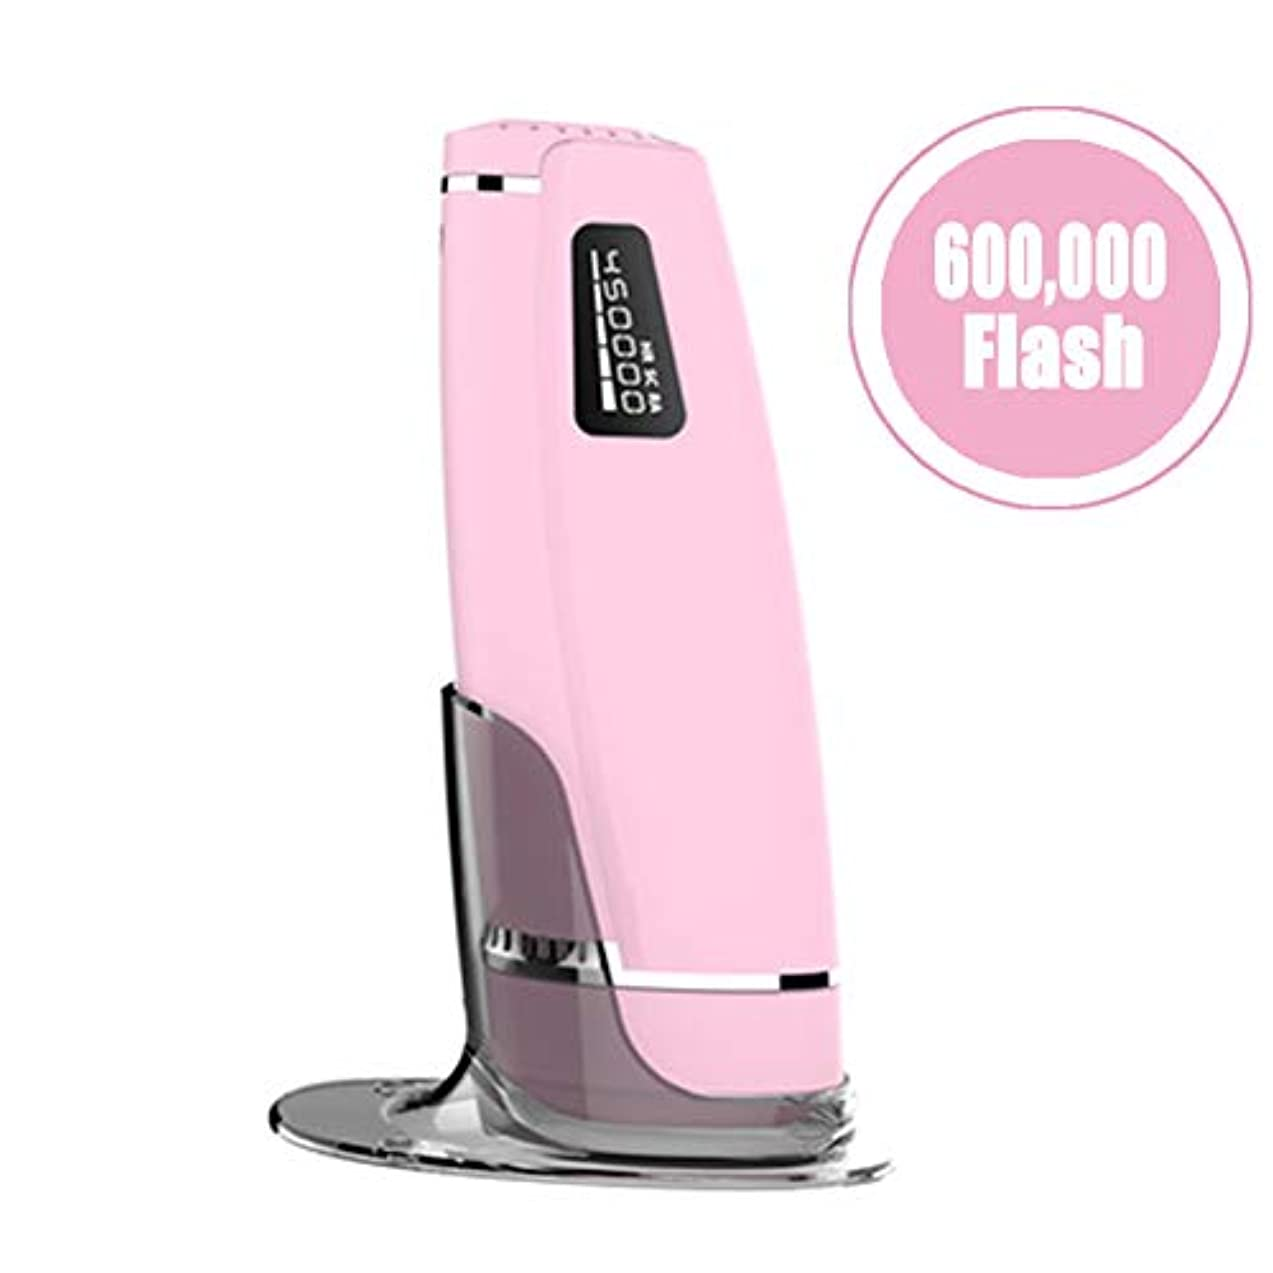 キャンパス保護経度アップグレードIPLレーザー脱毛システムデバイス、60万回のフラッシュ無痛常設パルス光脱毛器にとってボディフェイス脇の下ビキニライン,Pink